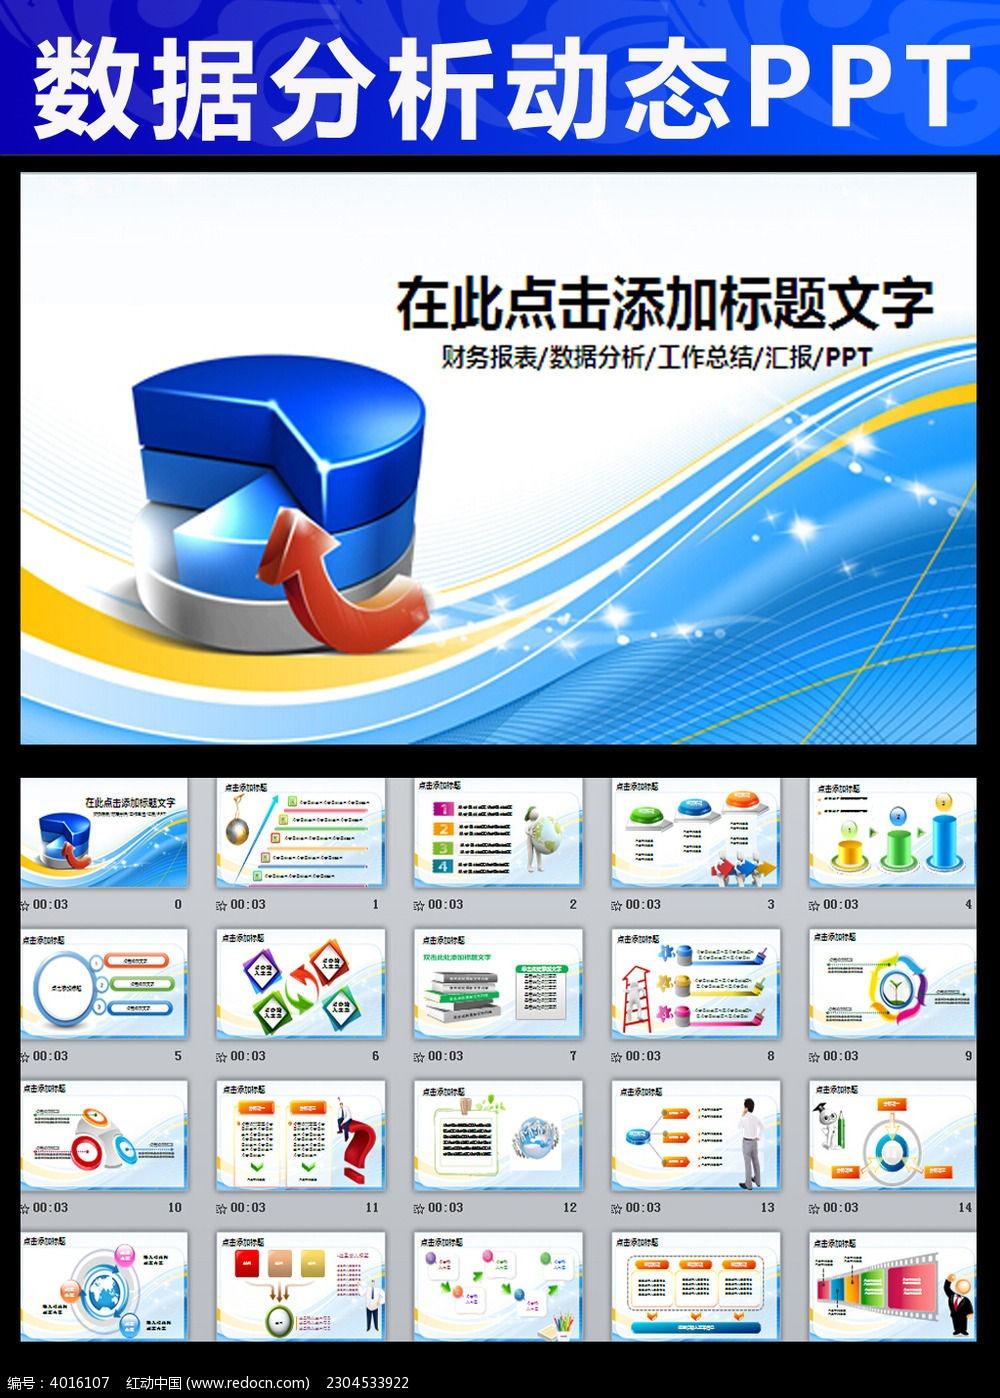 调研报告 PPT PPT模板 PPT图表 动态PPT 财务报告 销售 统计 数据图片